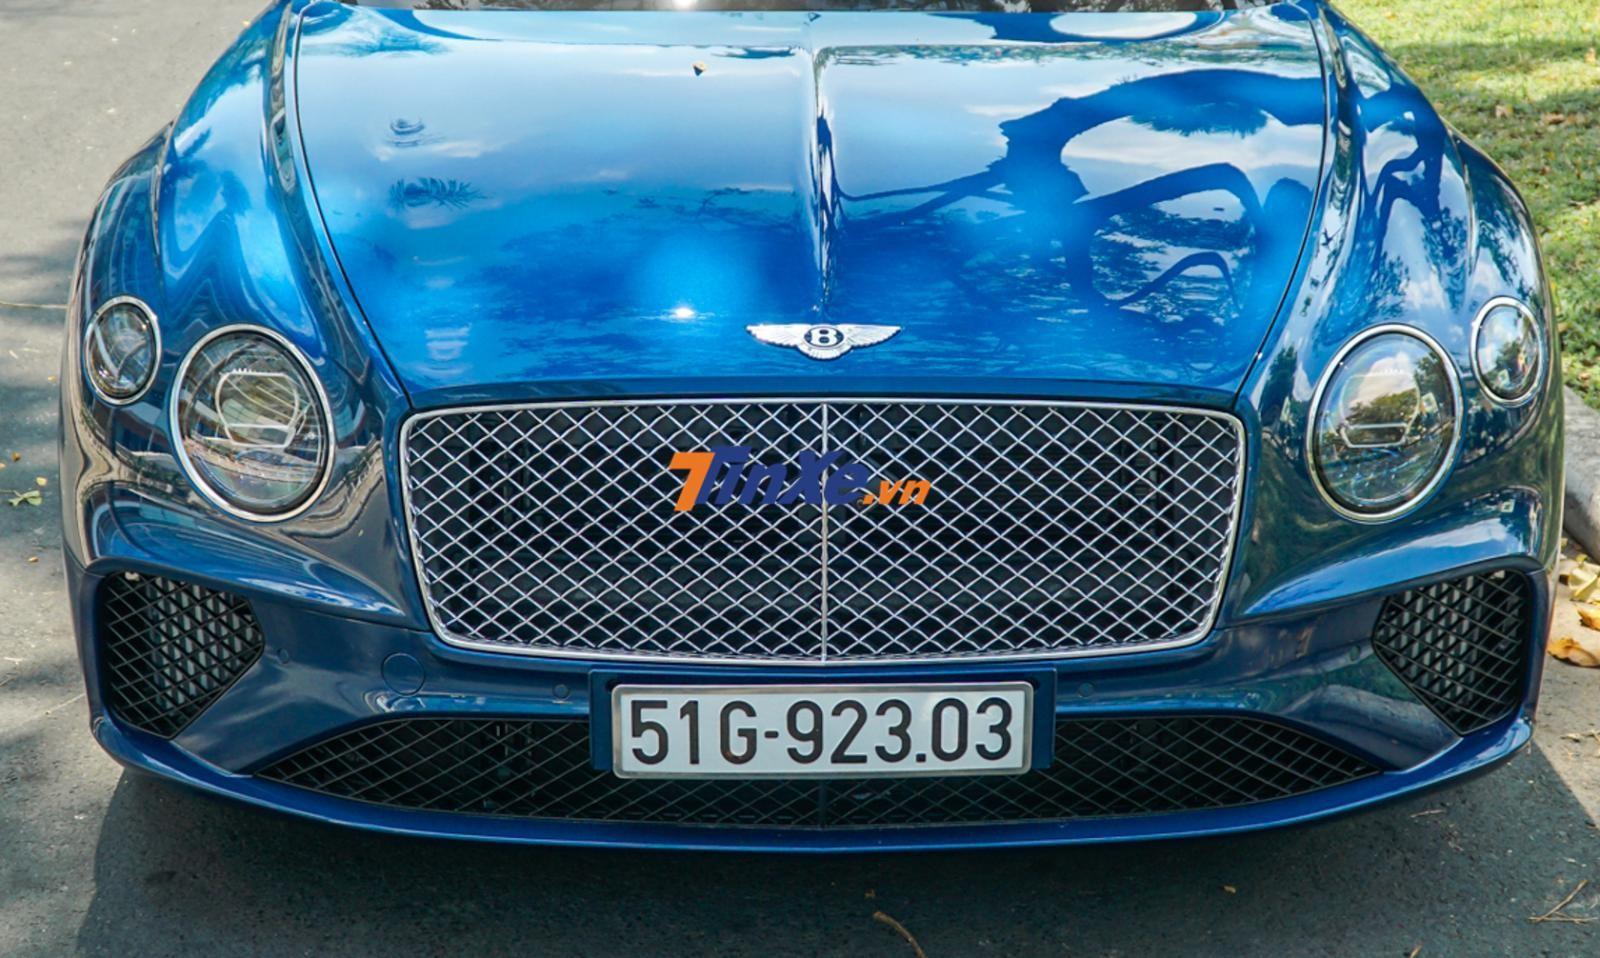 Bentley Continental GT đời 2018 thiết kế khác so với đời cũ